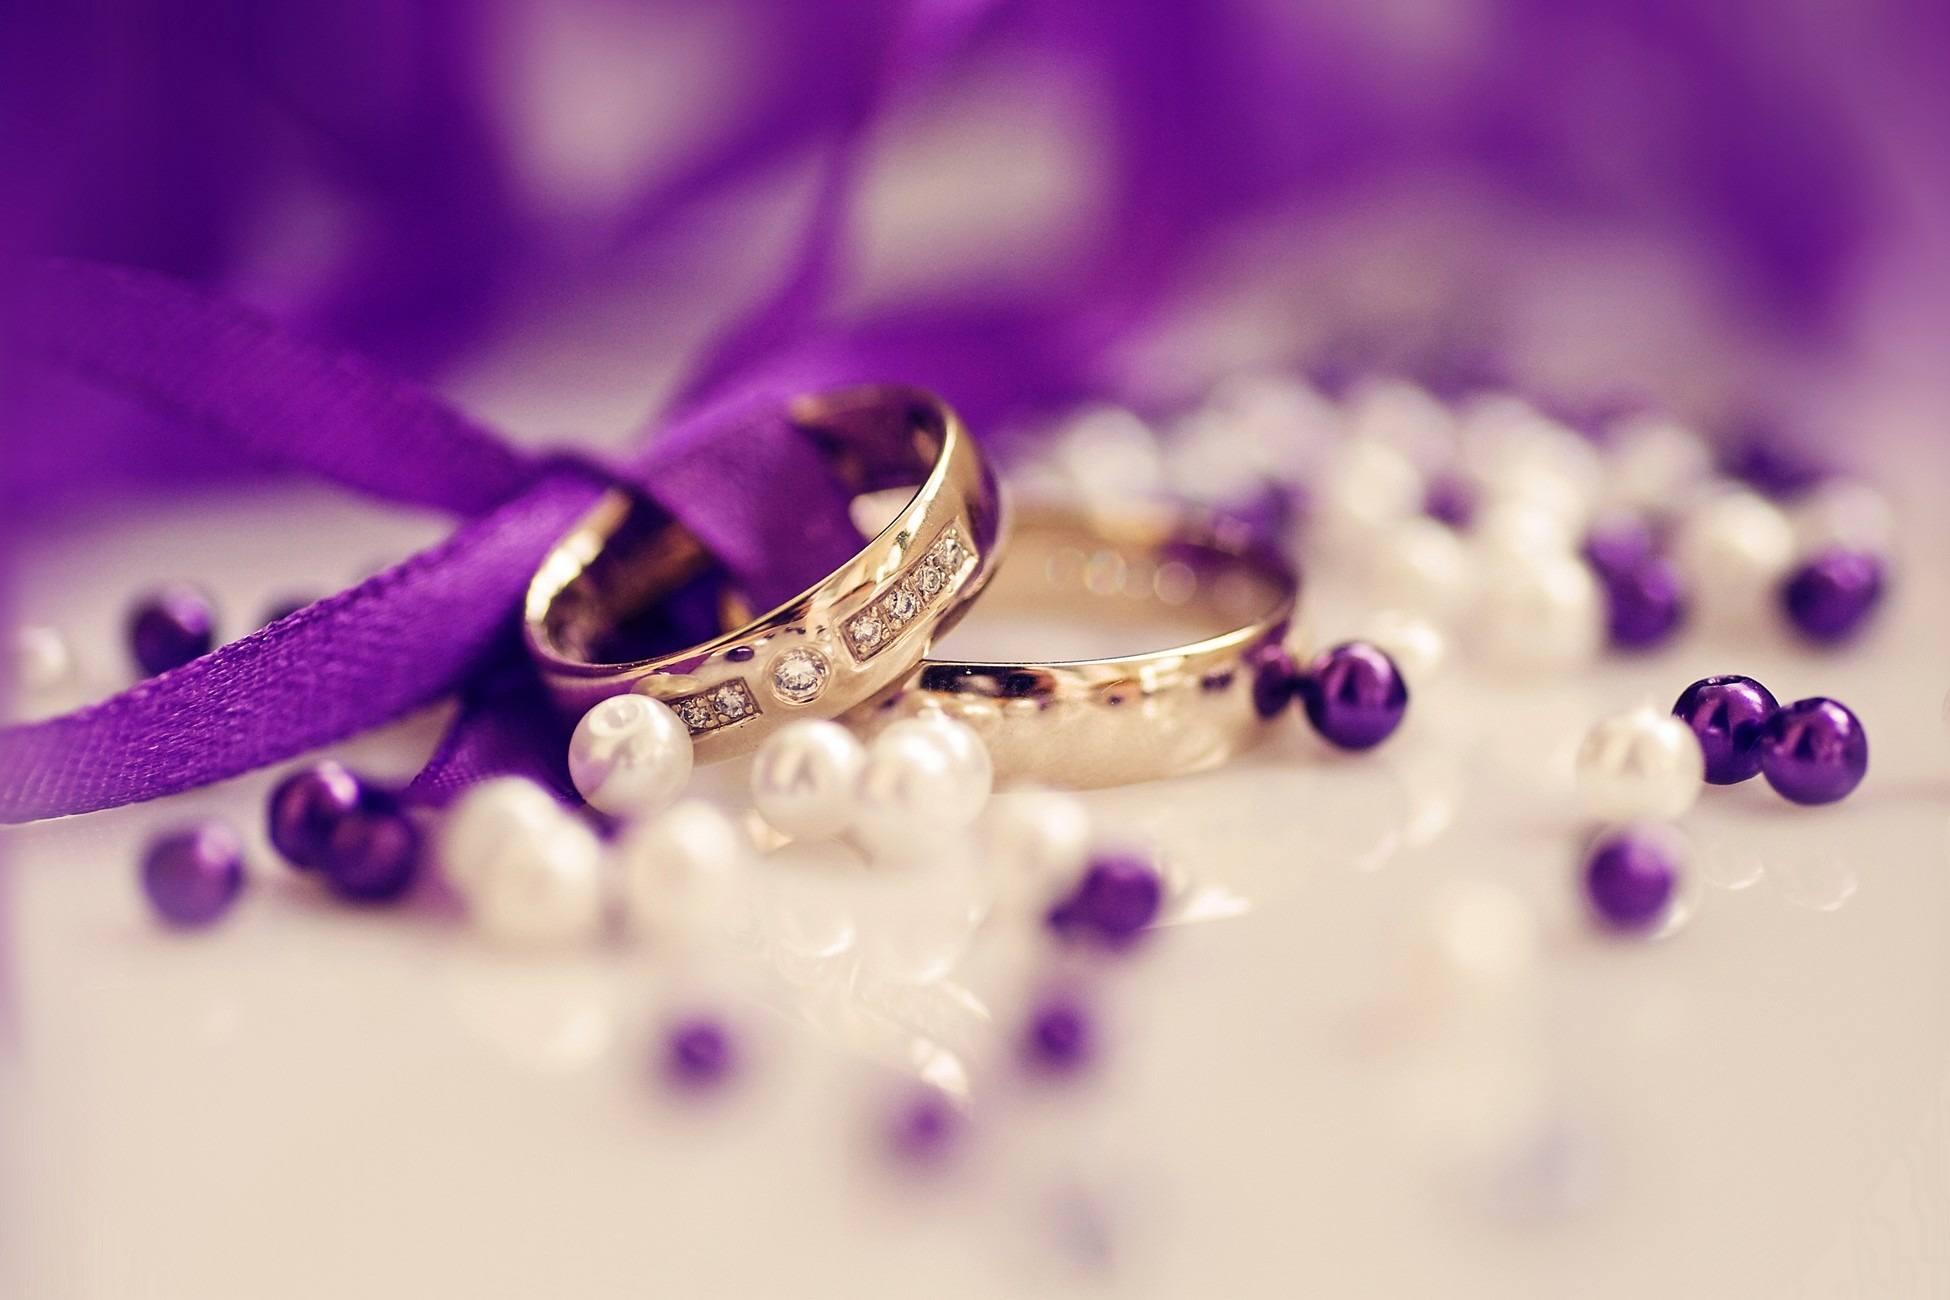 Zlaté prsteny dekorované fialovou stužkou